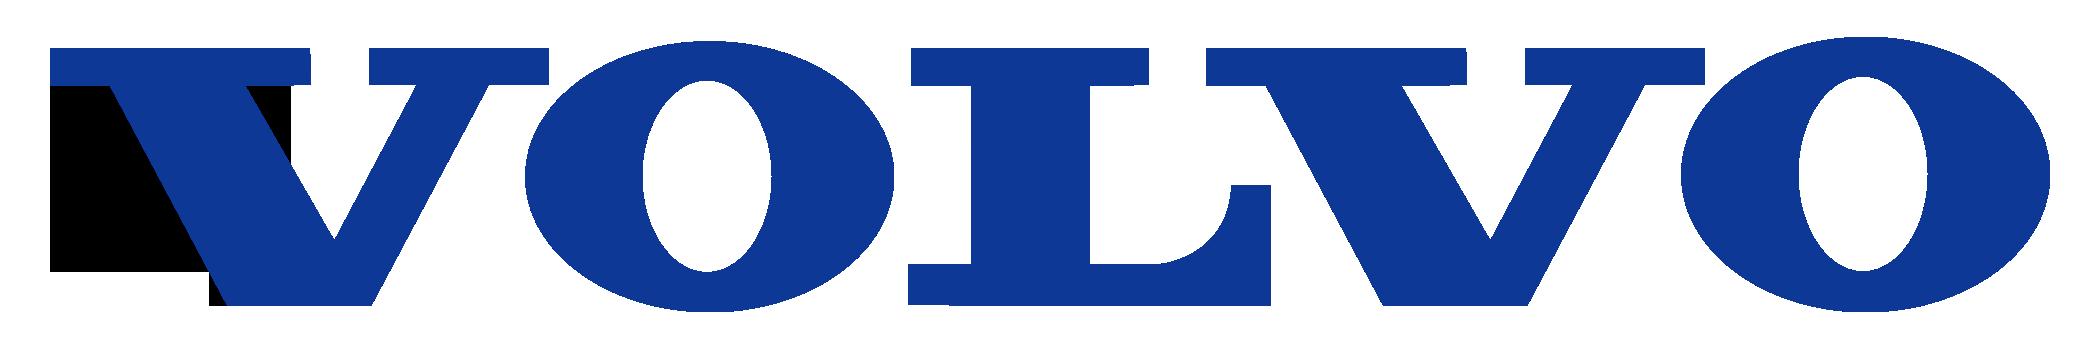 logo client volvo